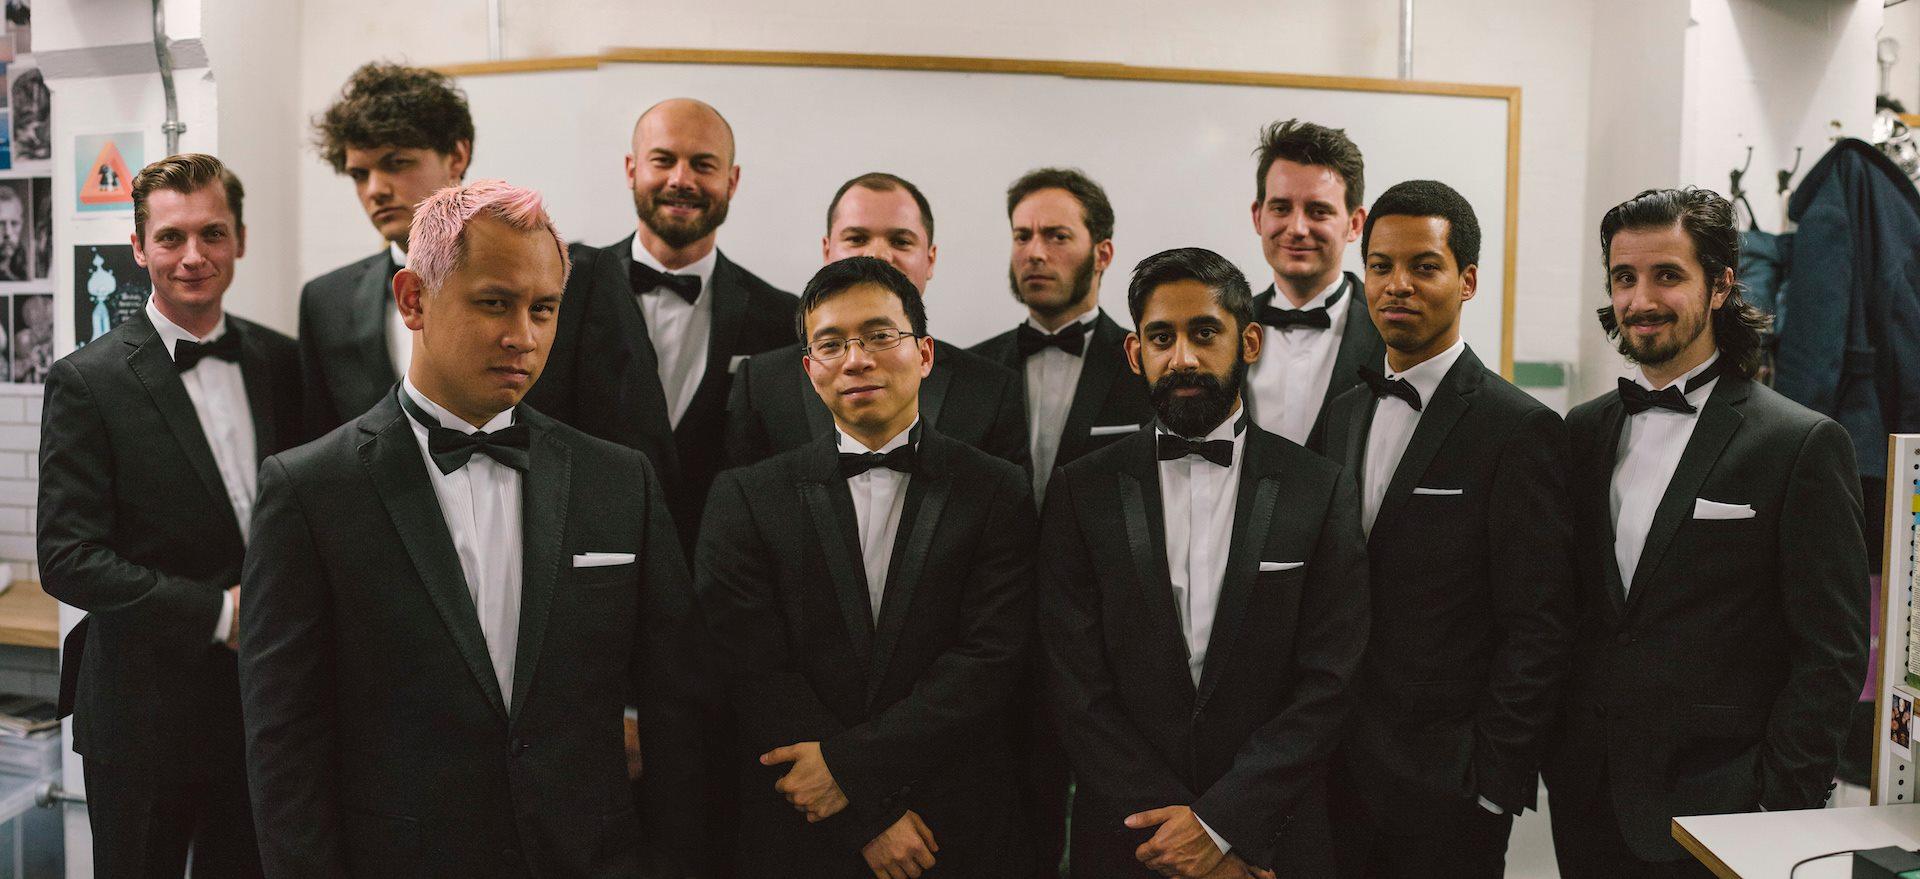 BAFTA night